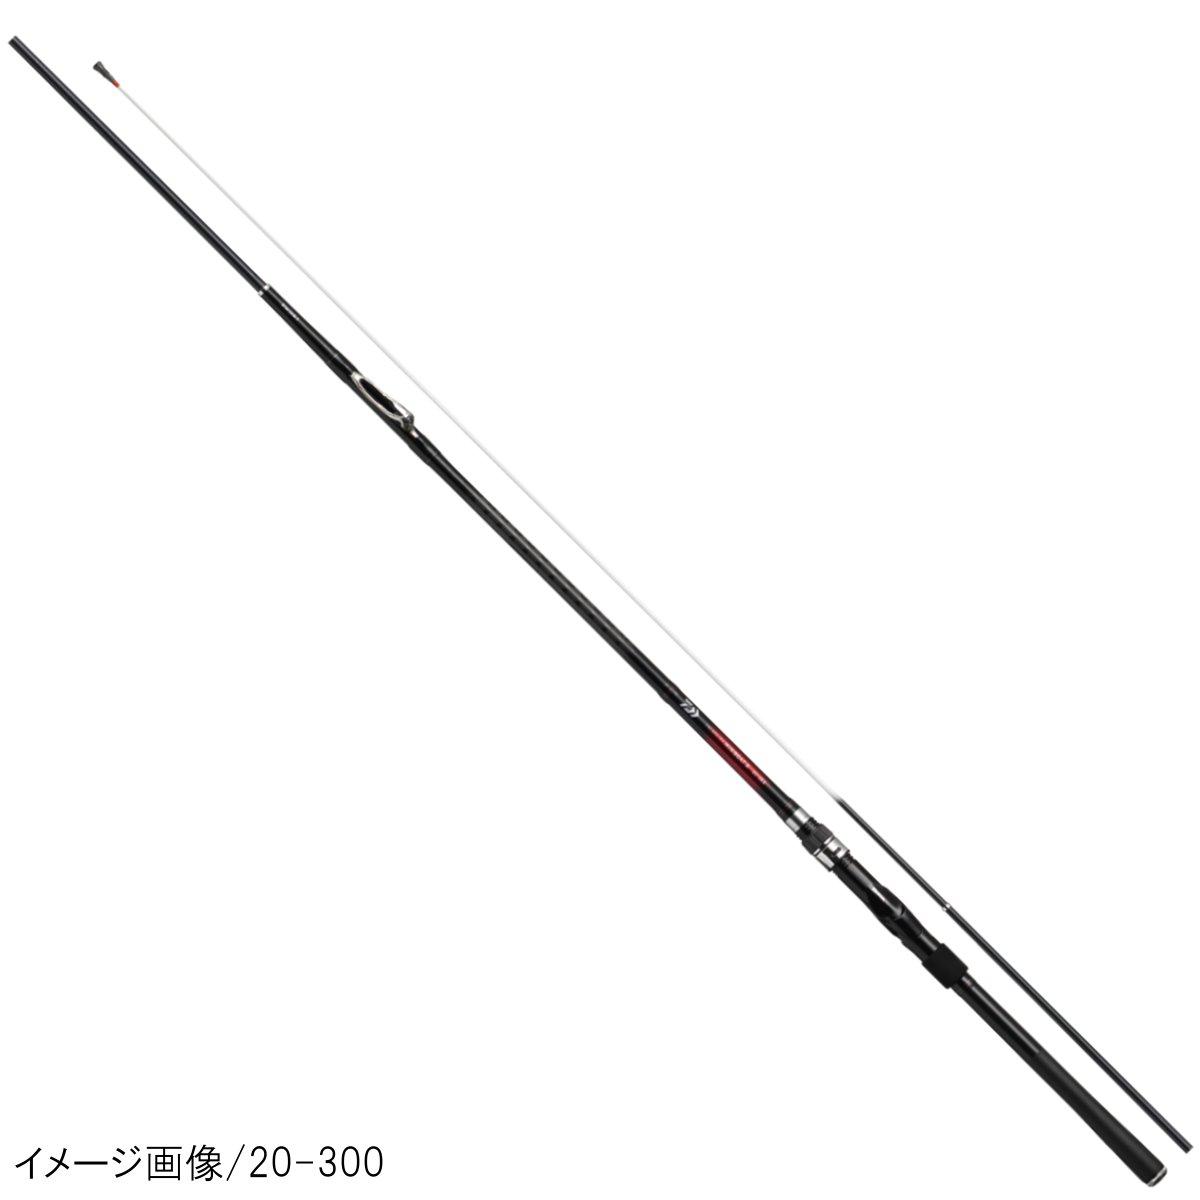 ダイワ インターライン ミニボート X 20-240【送料無料】